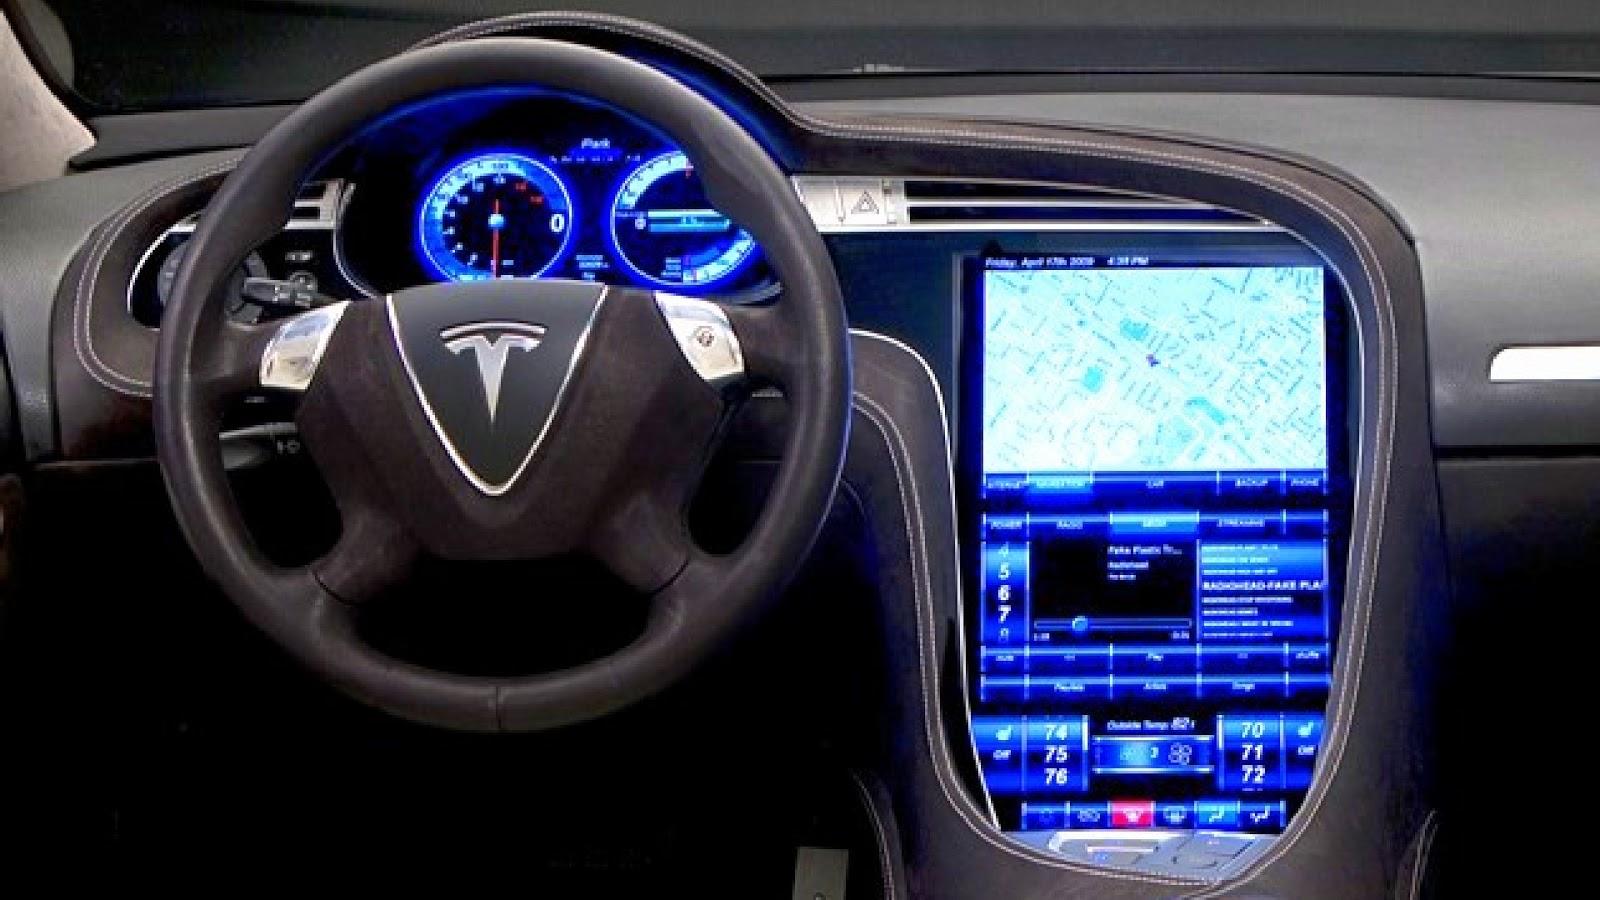 HD WALLPAPER Tesla Model S HD wallpaper 1600x900